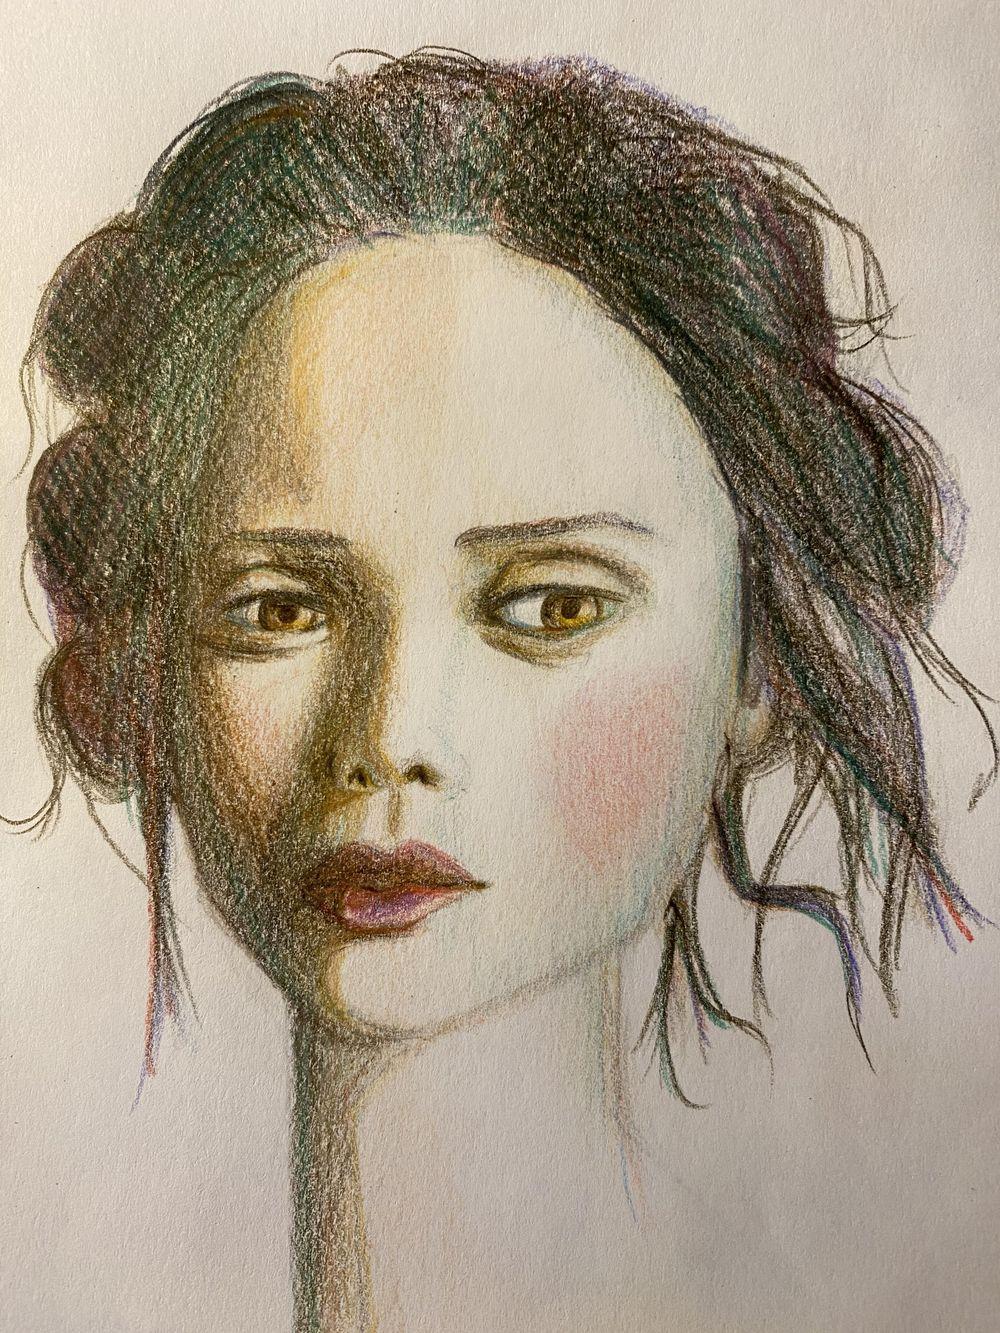 Colored pencils portrait - image 1 - student project